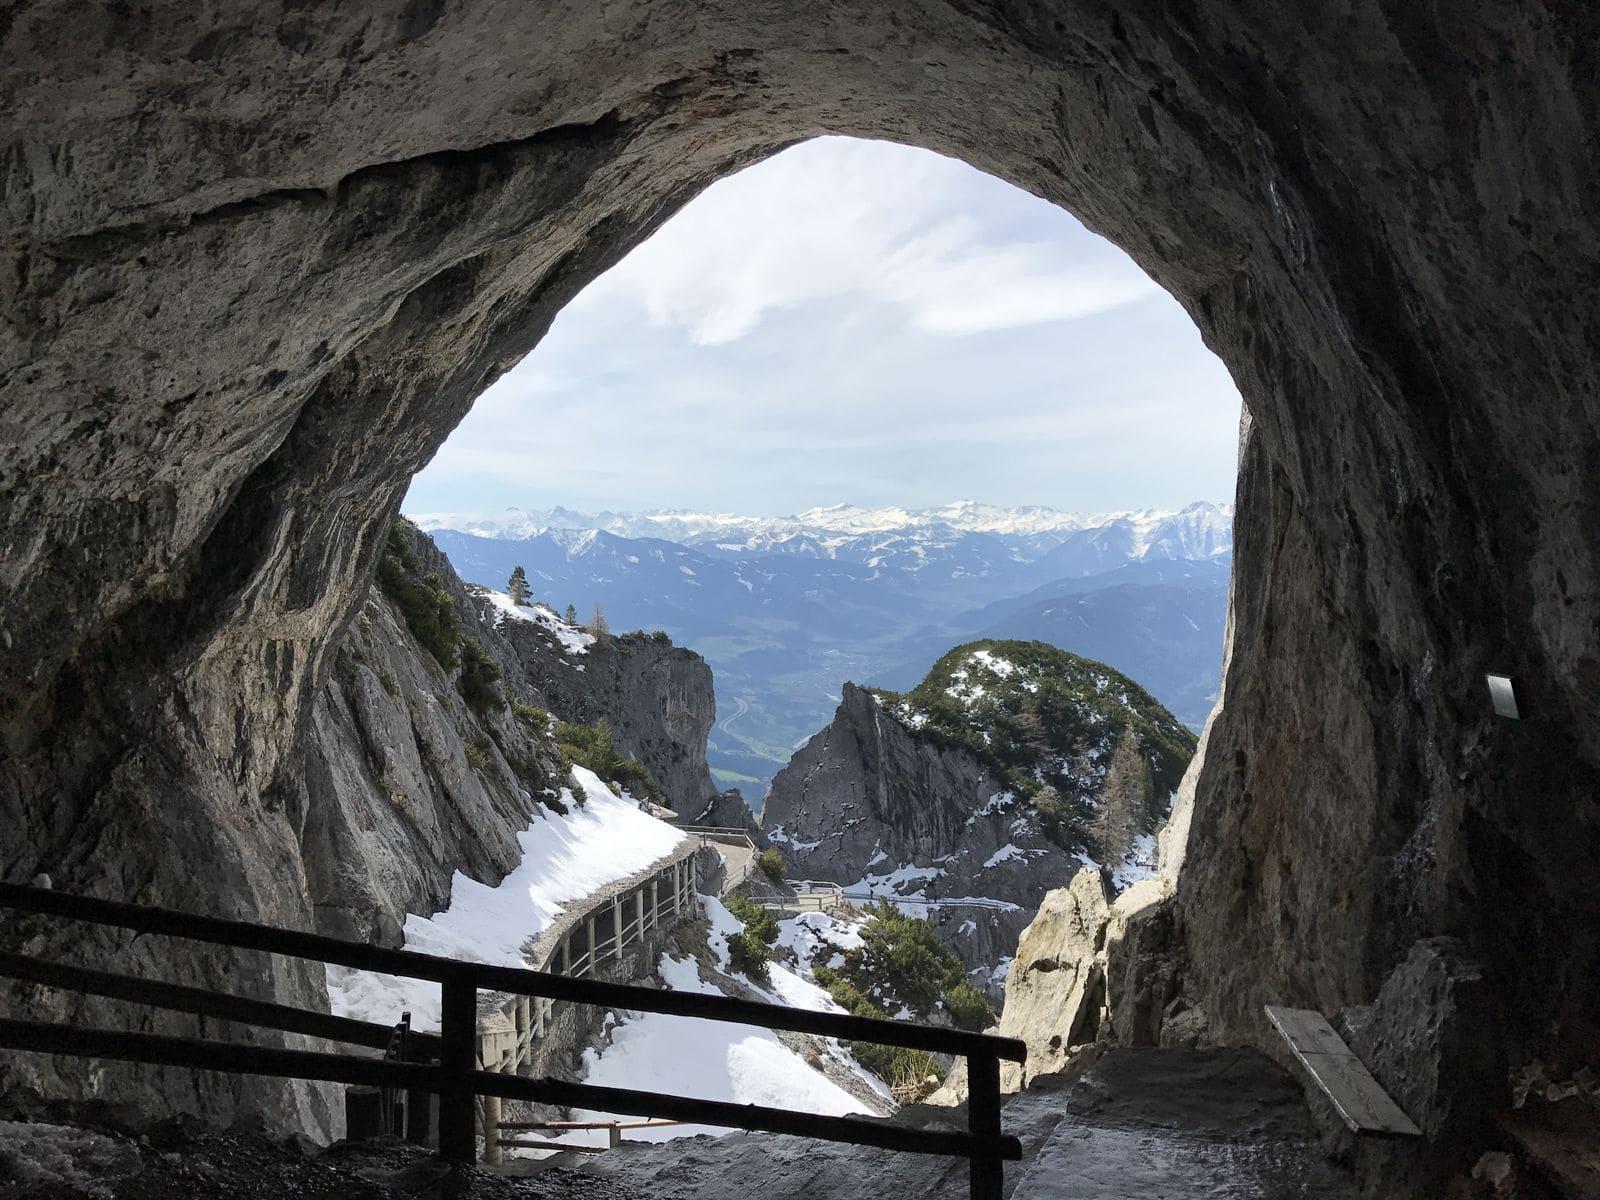 L'ingresso dell'Eisriesenwelt